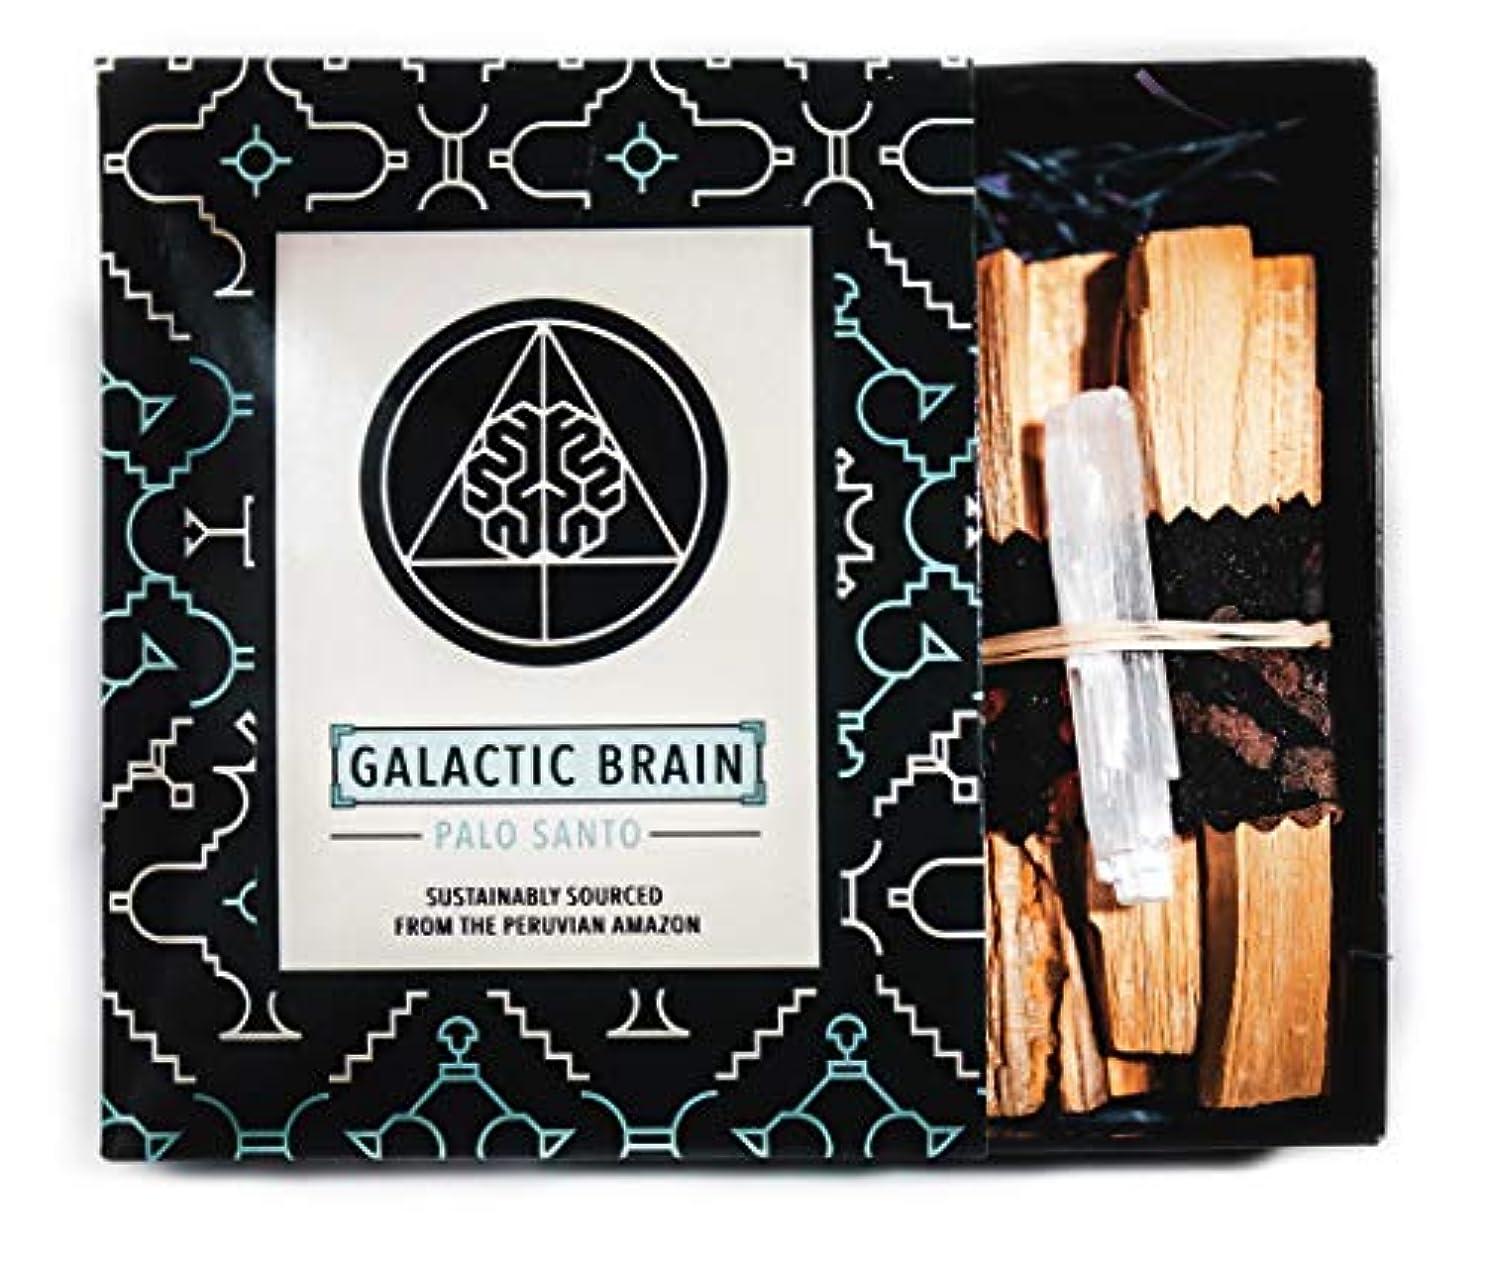 聖なる体現するボイドGalacticBrainパロサントスマッジスティックキット ご自宅をきれいにしましょう。 瞑想/ヨガの練習を強化。 自然とつながります。 振動を上げましょう。 ギフトセット入りスマッジスティック 12本 (90g) 4インチ